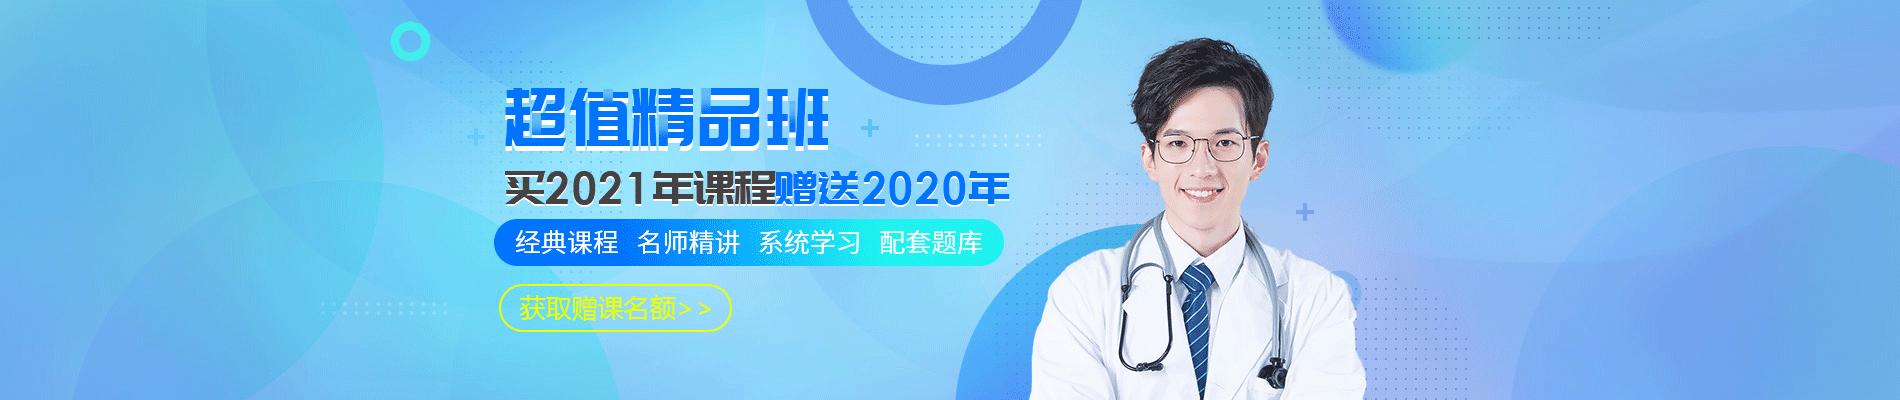 2021中西医执业医师资格考试培训班